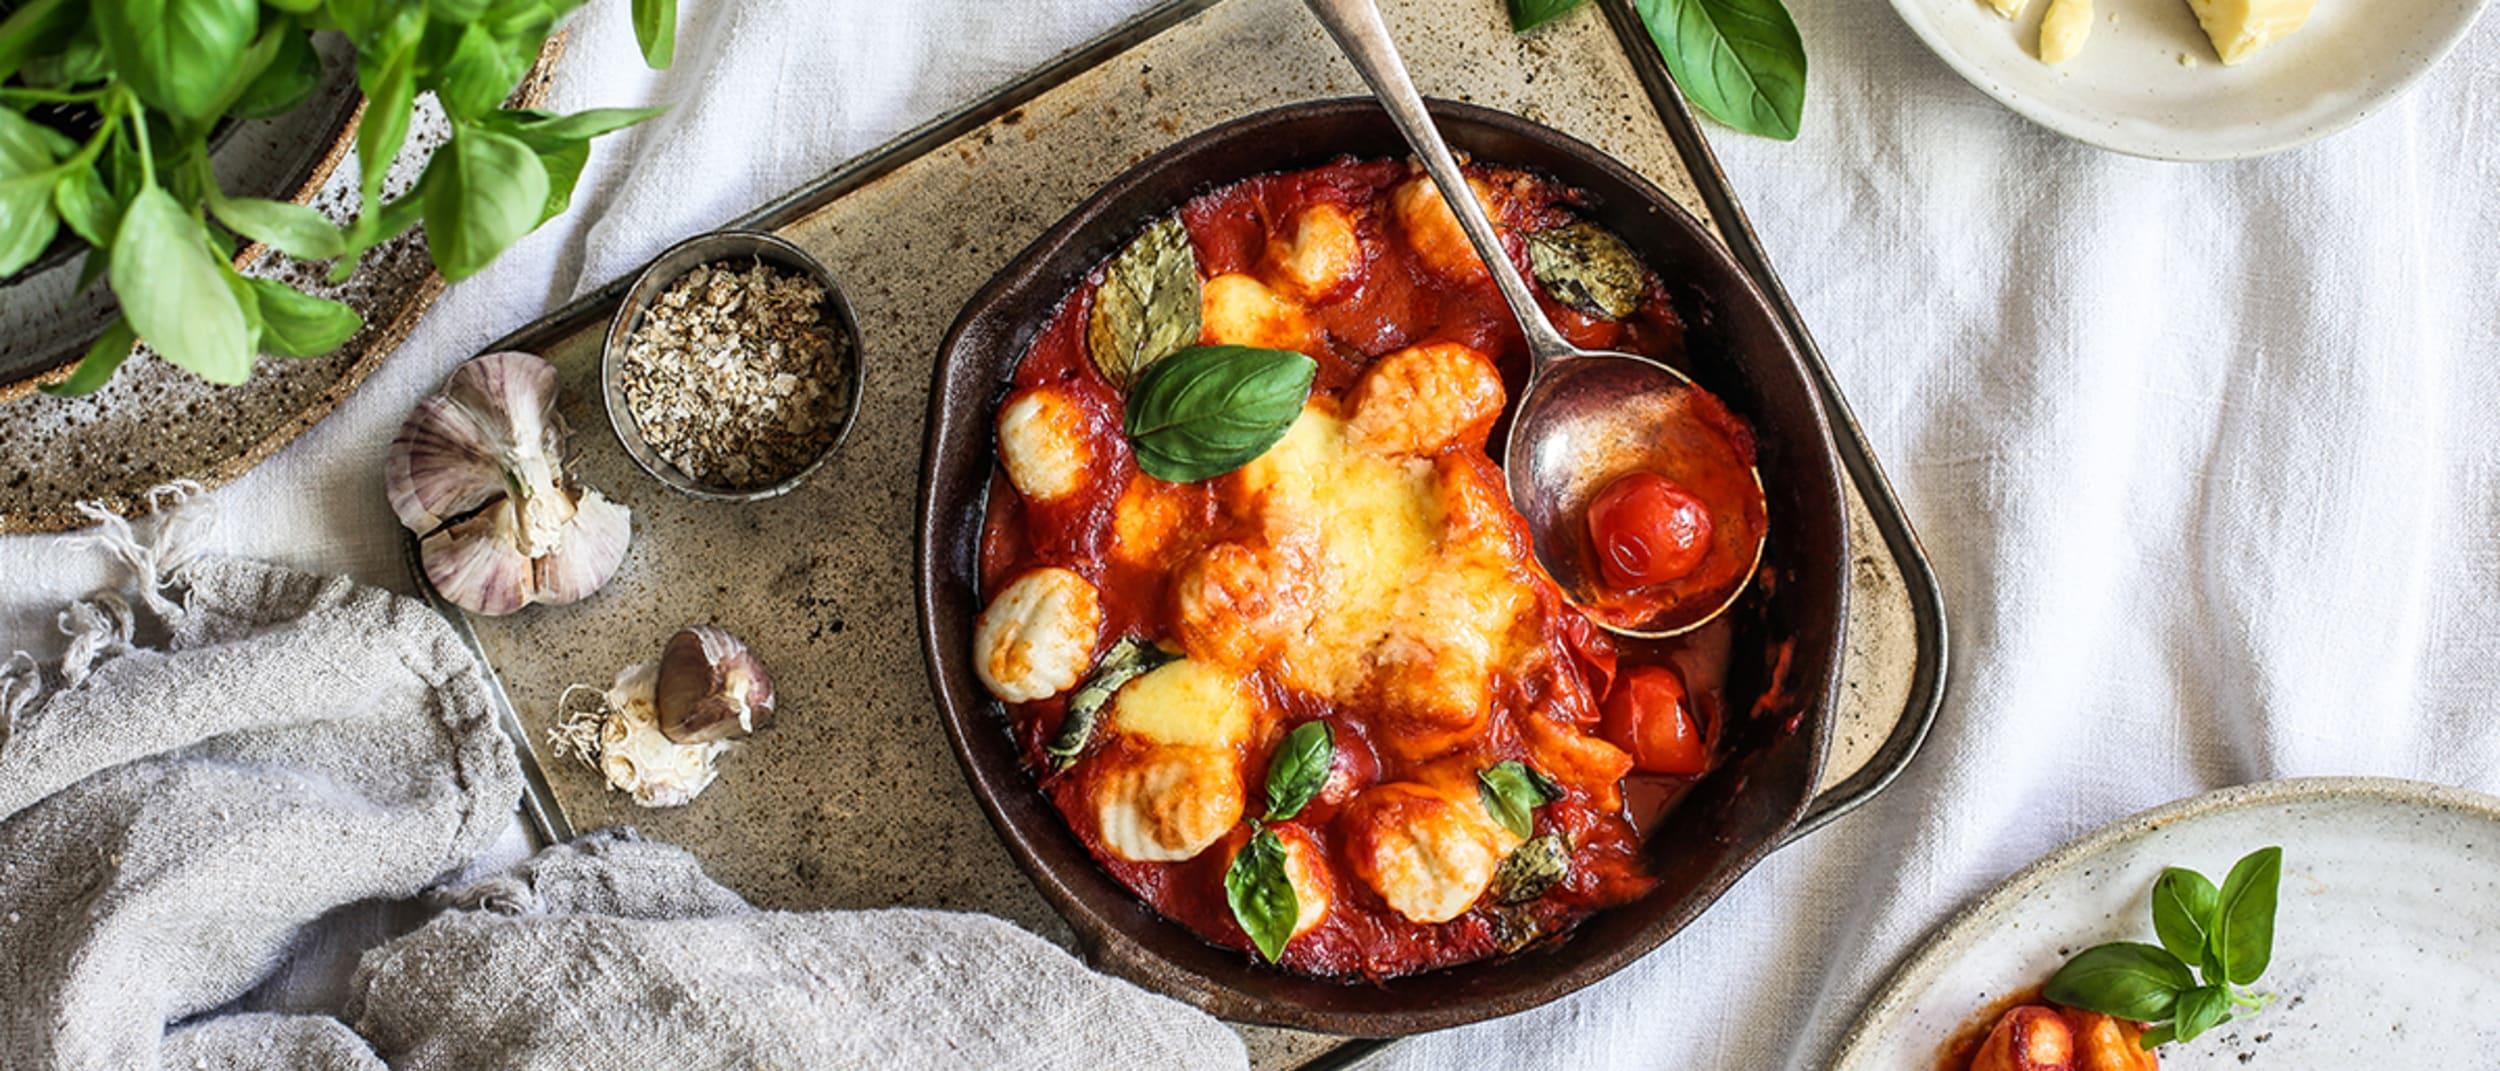 Silvia Colloca's baked gnocchi sorrentina